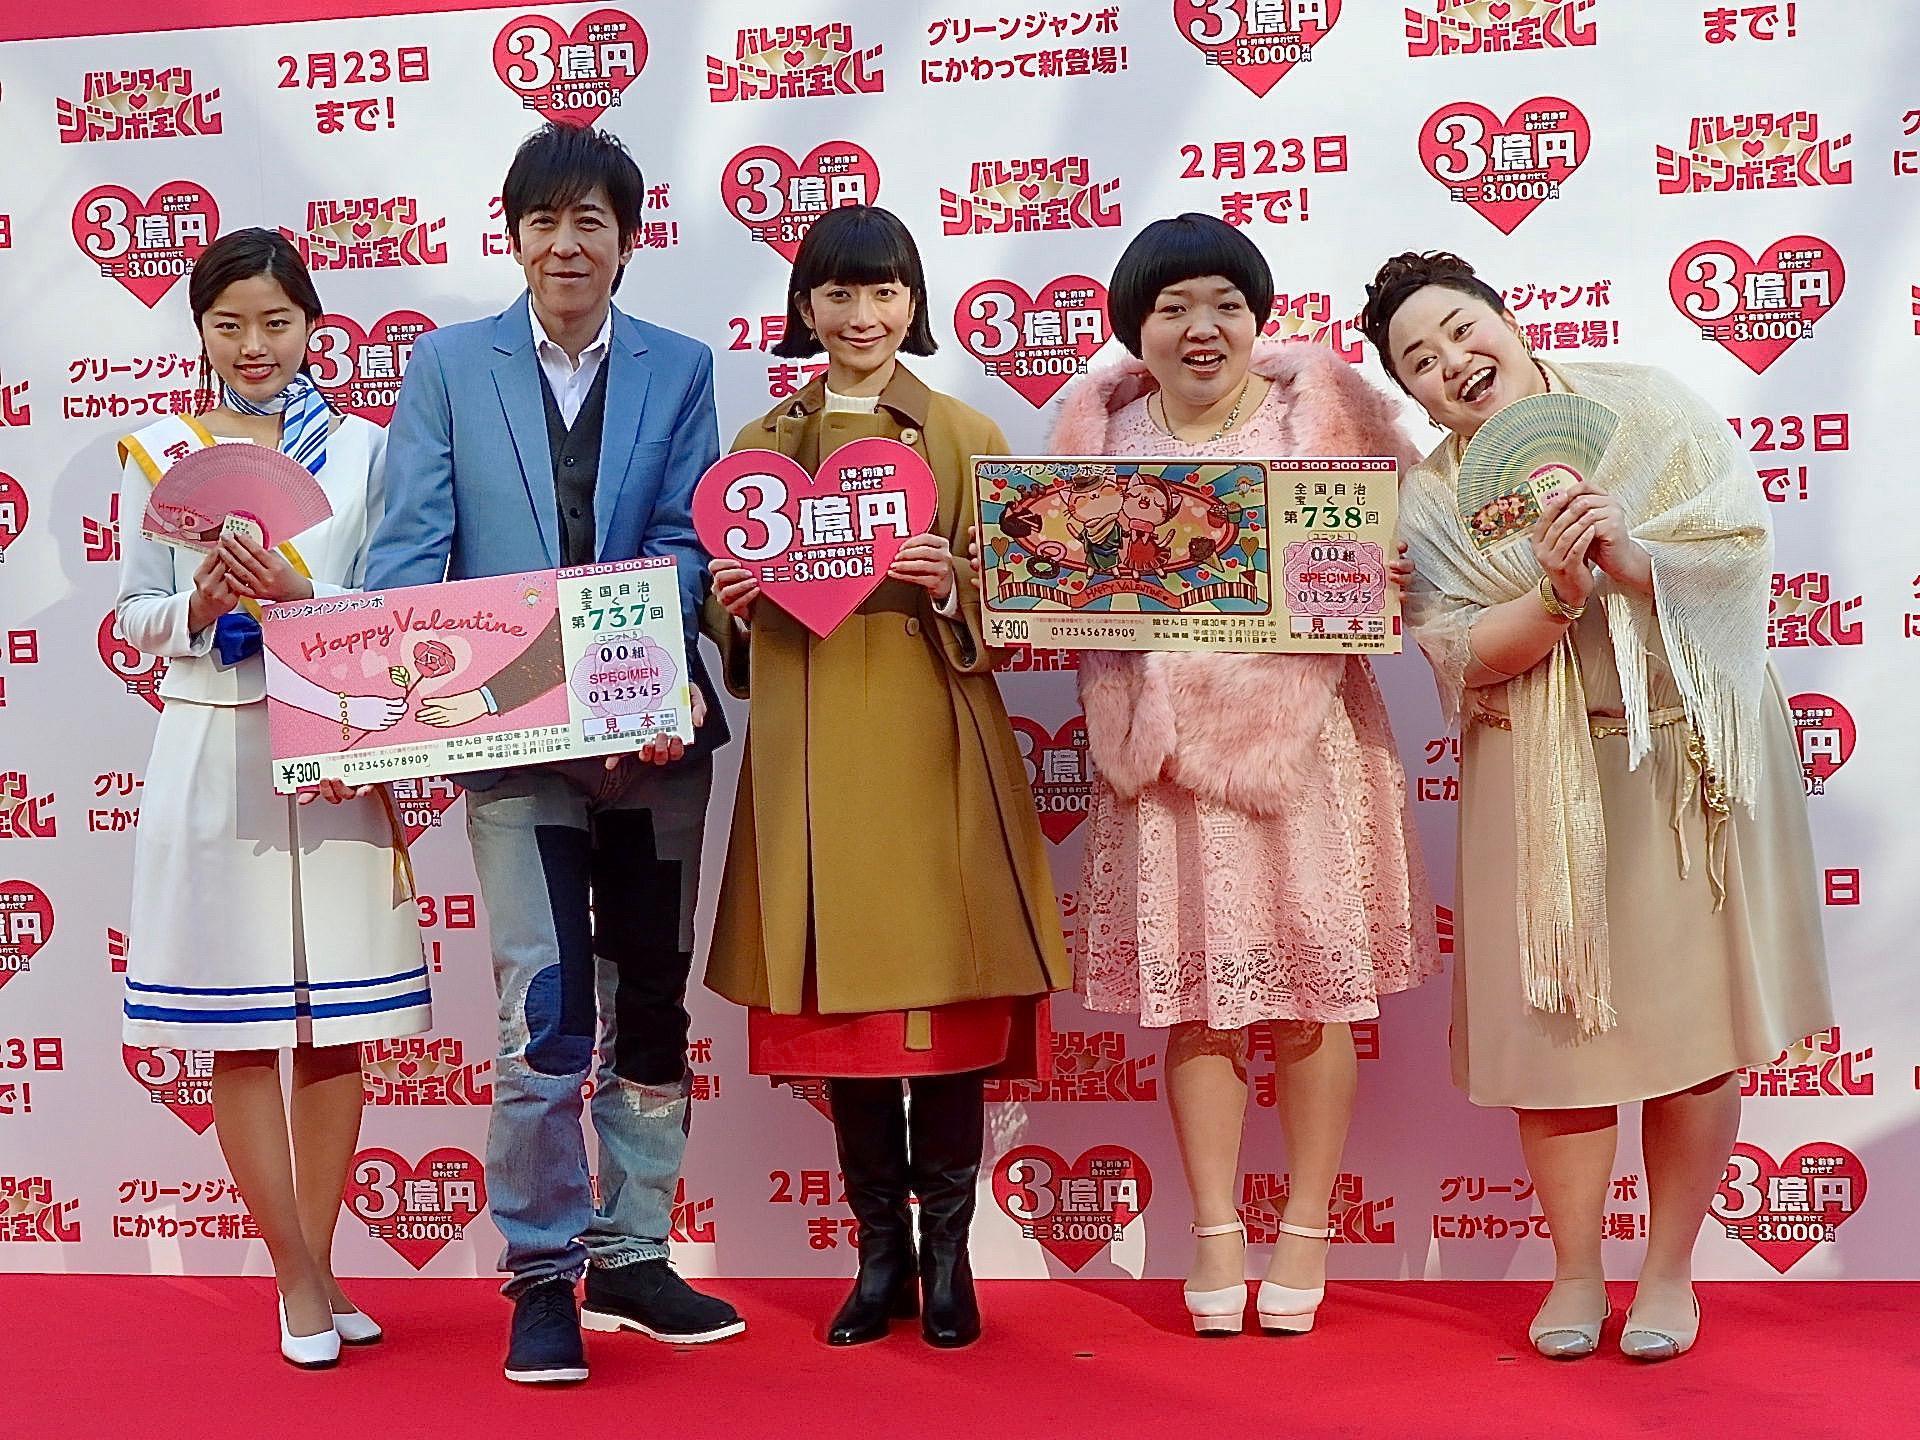 http://news.yoshimoto.co.jp/20180131180958-b177537399ef37e374531897fc712cfc177fbf28.jpg